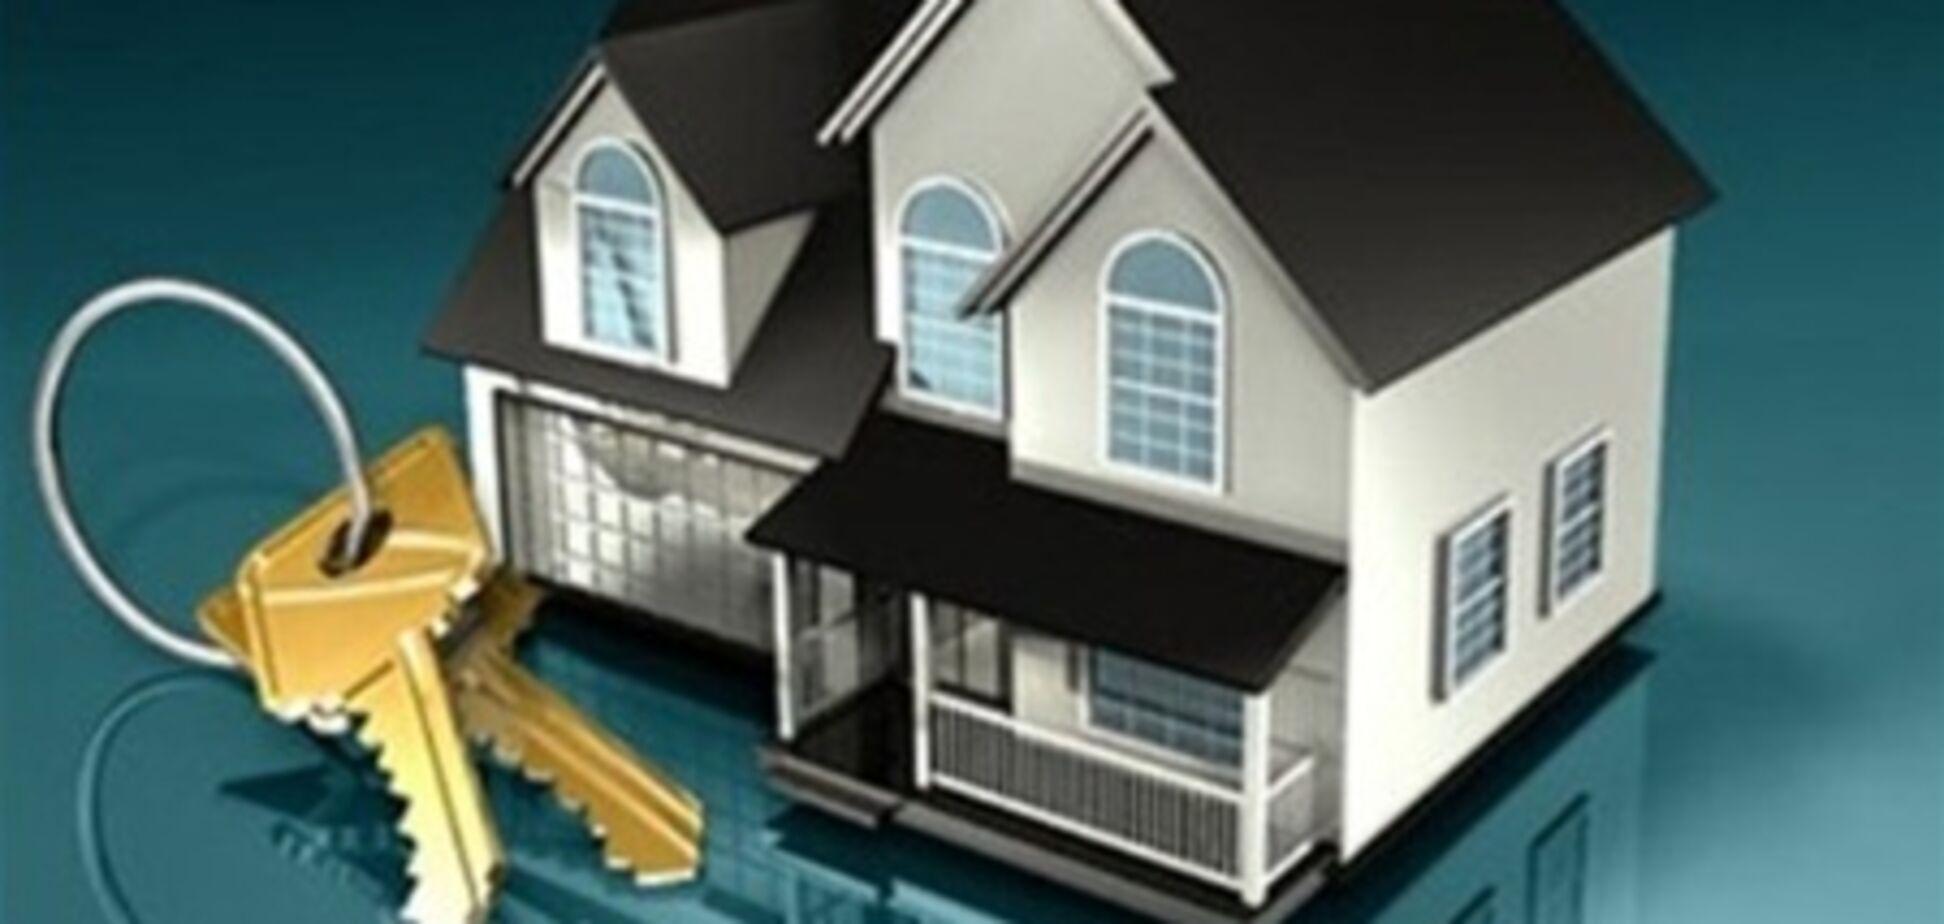 Из-за реформы БТИ рынок недвижимости оказался парализованным